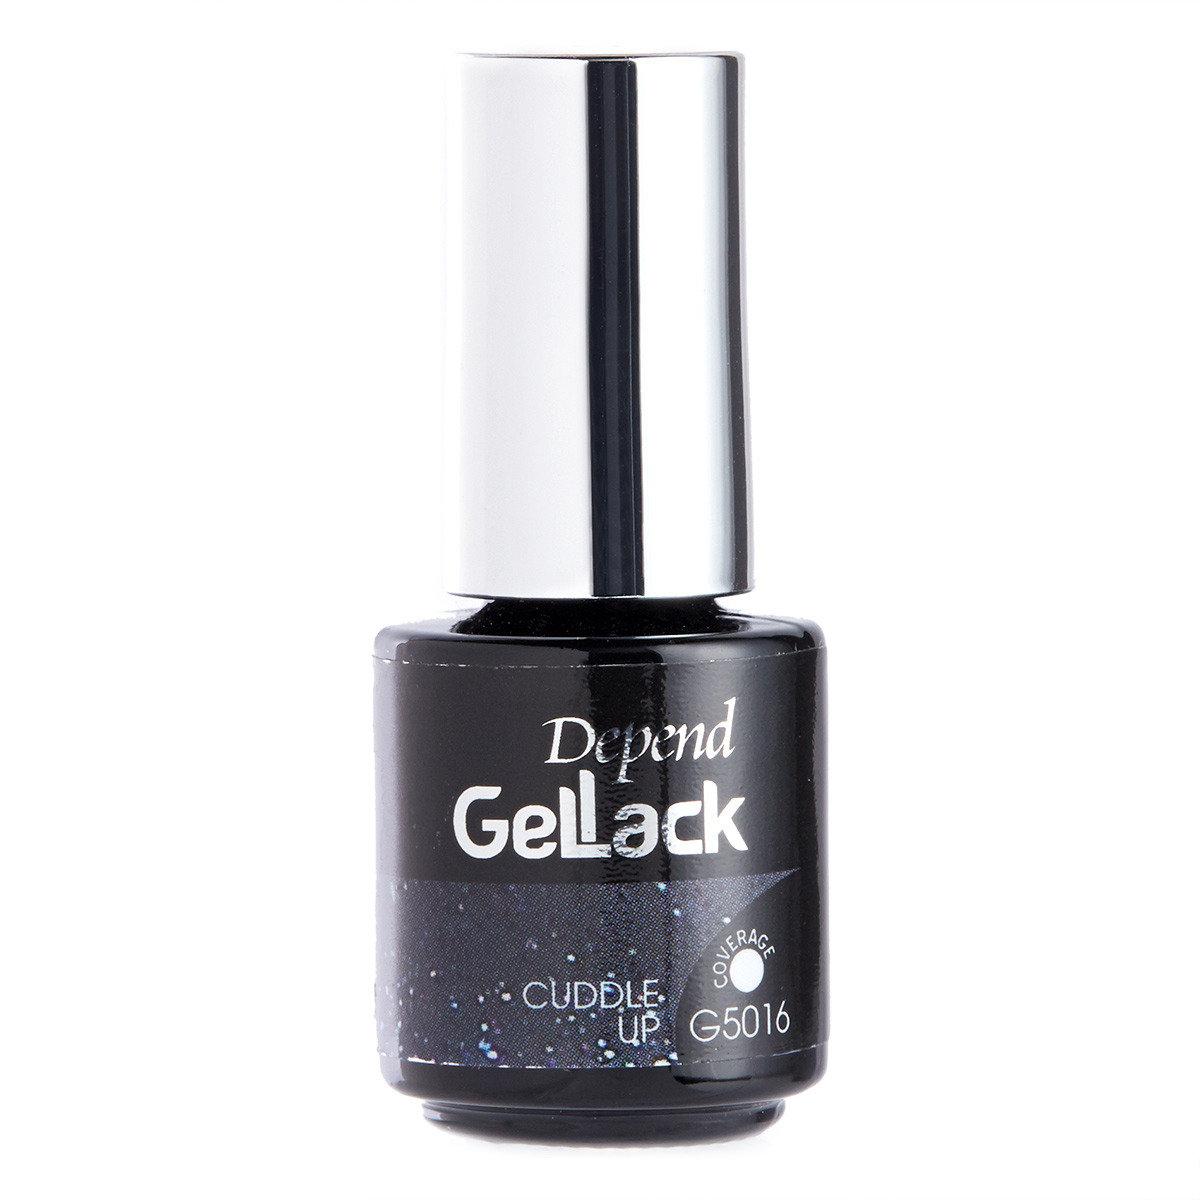 GELLACK 指甲油-G5016